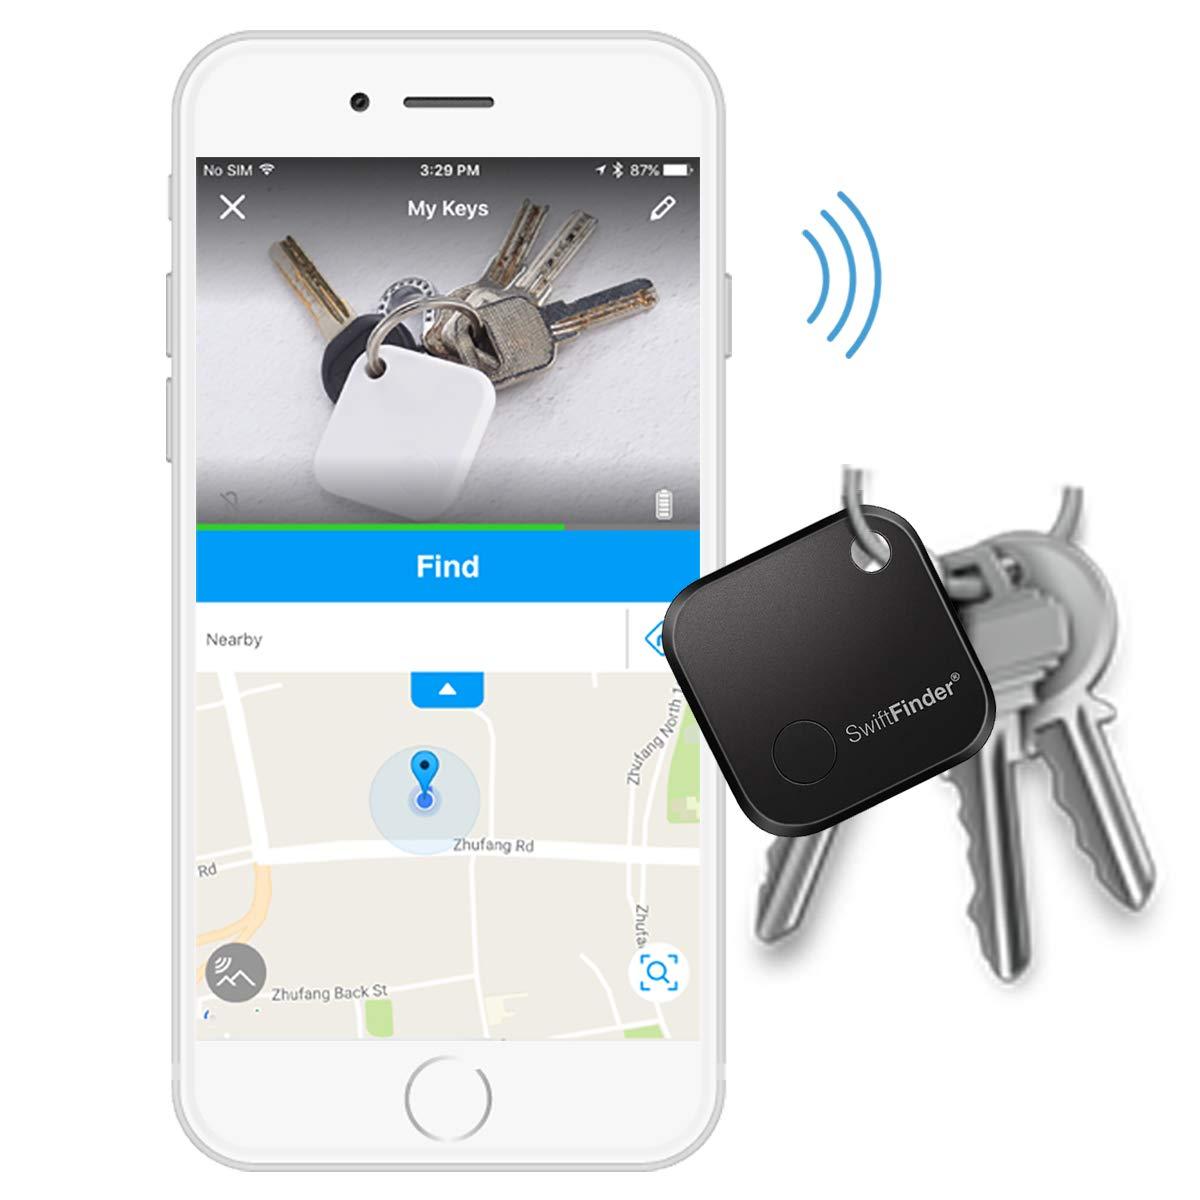 Key Finder Locator,Key Finder,Phone Finder,Bluetooth Tracker for Keys,Wallet,Bag,Smart Tag with App Control